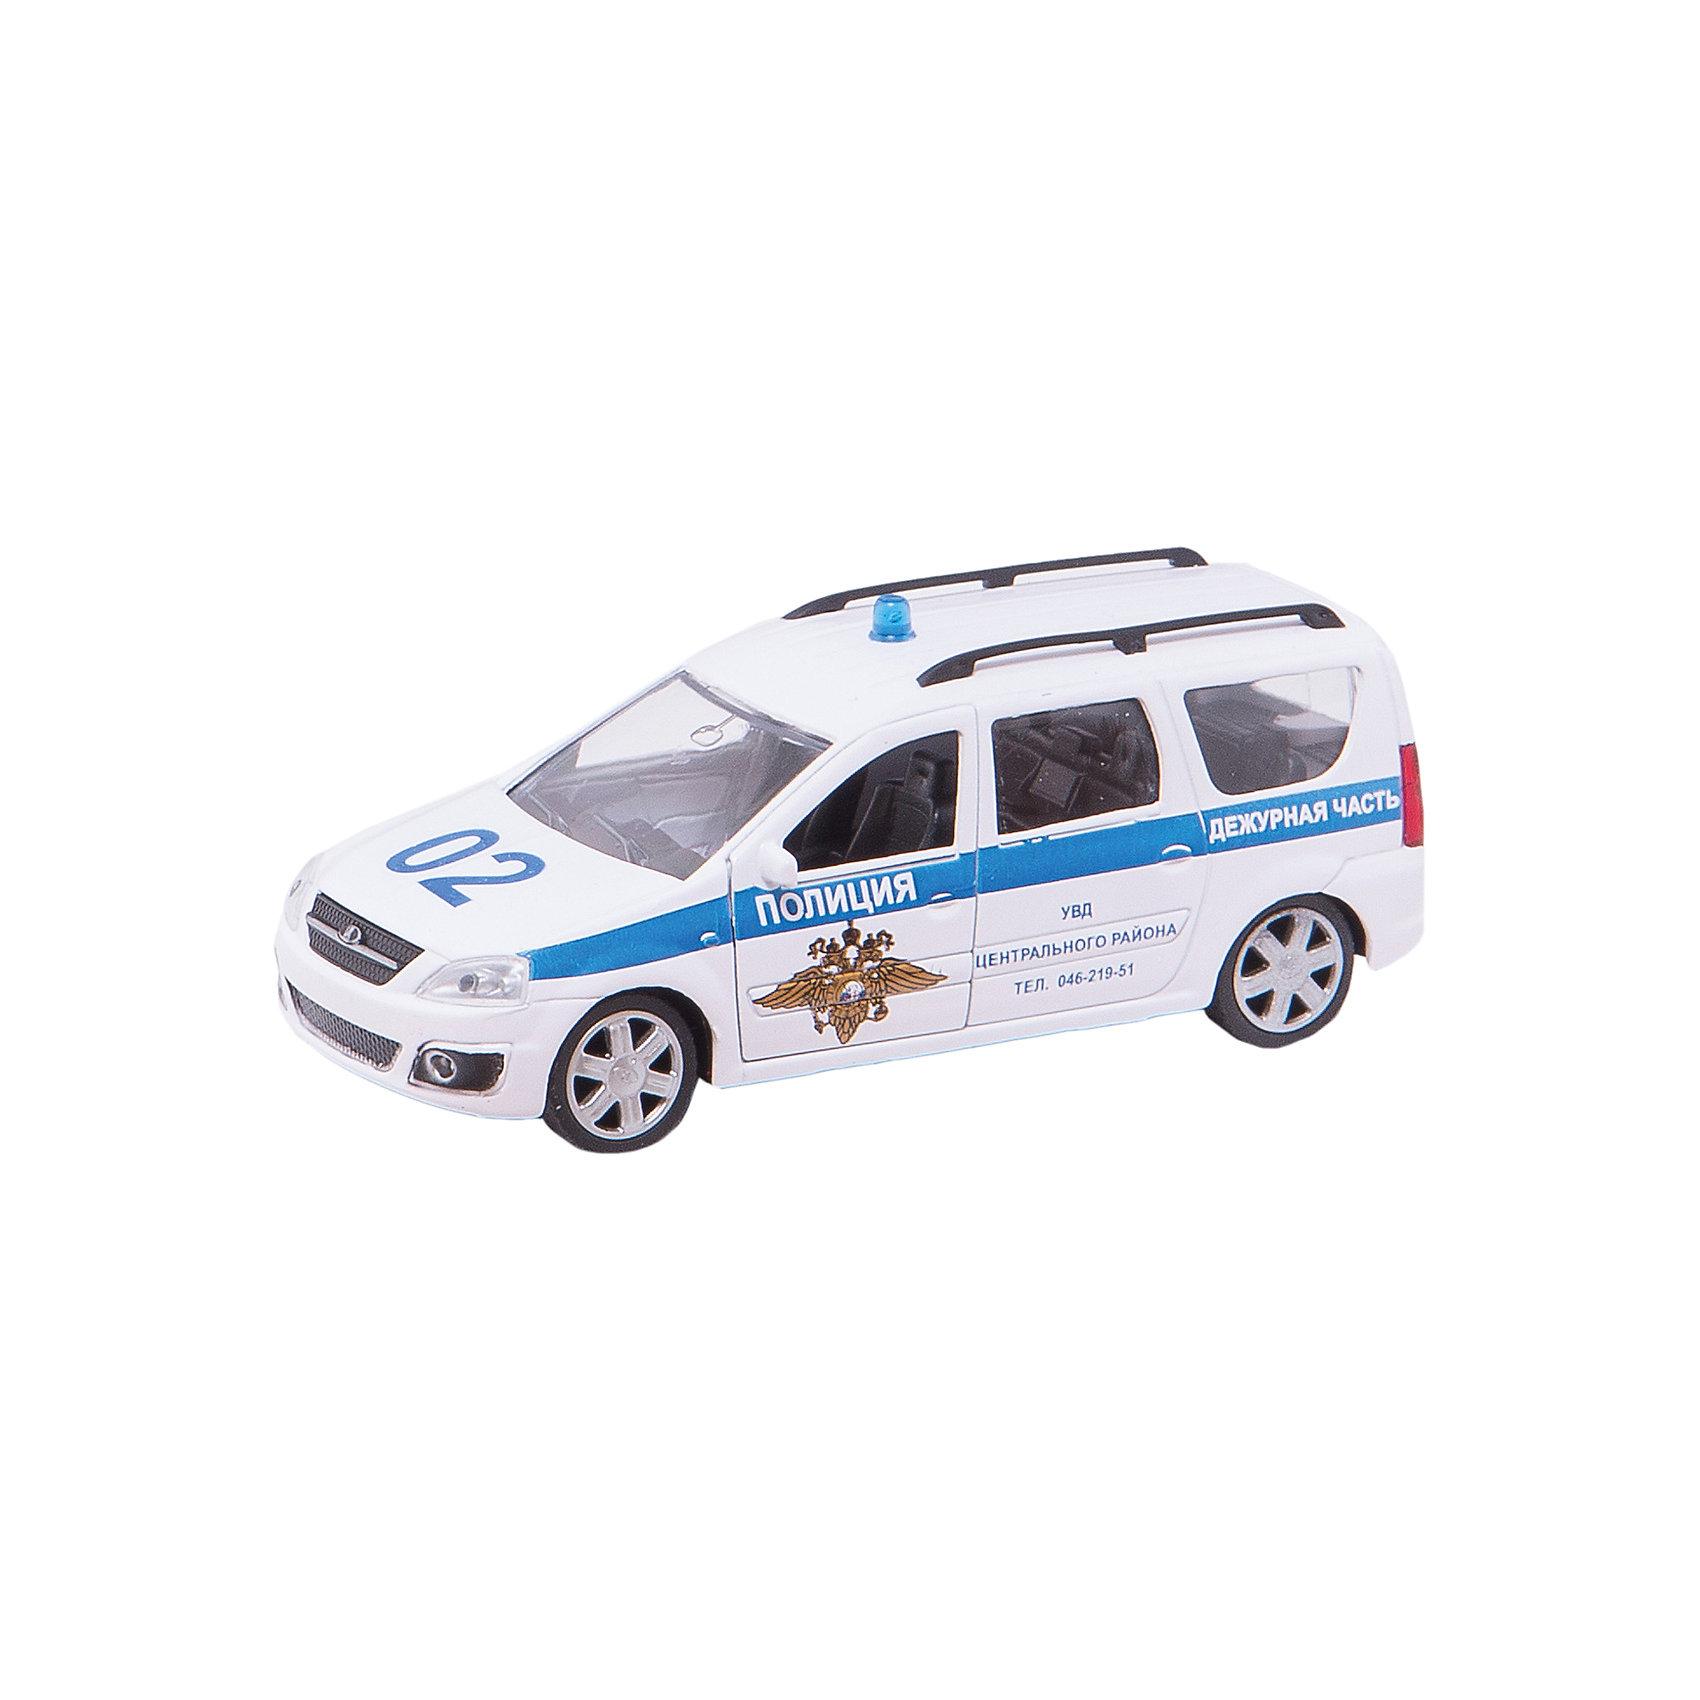 Машина LADA LARGUS, полиция, 1:38МашинаLADA LARGUS - коллекционная модель, являющая копией настоящего автомобиля, сделанной в масштабе 1:38. Машинка станет прекрасным подарком всем юным автолюбителям и займет достойное место в любой коллекции автомобилей. Игрушка имеет инерционный механизм и открывающиеся двери, выполнена из высококачественных прочных безопасных материалов. <br><br>Дополнительная информация:<br><br>- Материал: пластик, металл.<br>- Масштаб: 1:38.<br>- Колеса подвижные.<br>- Двери открываются.<br>- Инерционный механизм. <br><br>Машину LADA LARGUS, полиция, 1:38, можно купить в нашем магазине.<br><br>Ширина мм: 165<br>Глубина мм: 57<br>Высота мм: 72<br>Вес г: 159<br>Возраст от месяцев: 36<br>Возраст до месяцев: 84<br>Пол: Мужской<br>Возраст: Детский<br>SKU: 4515343